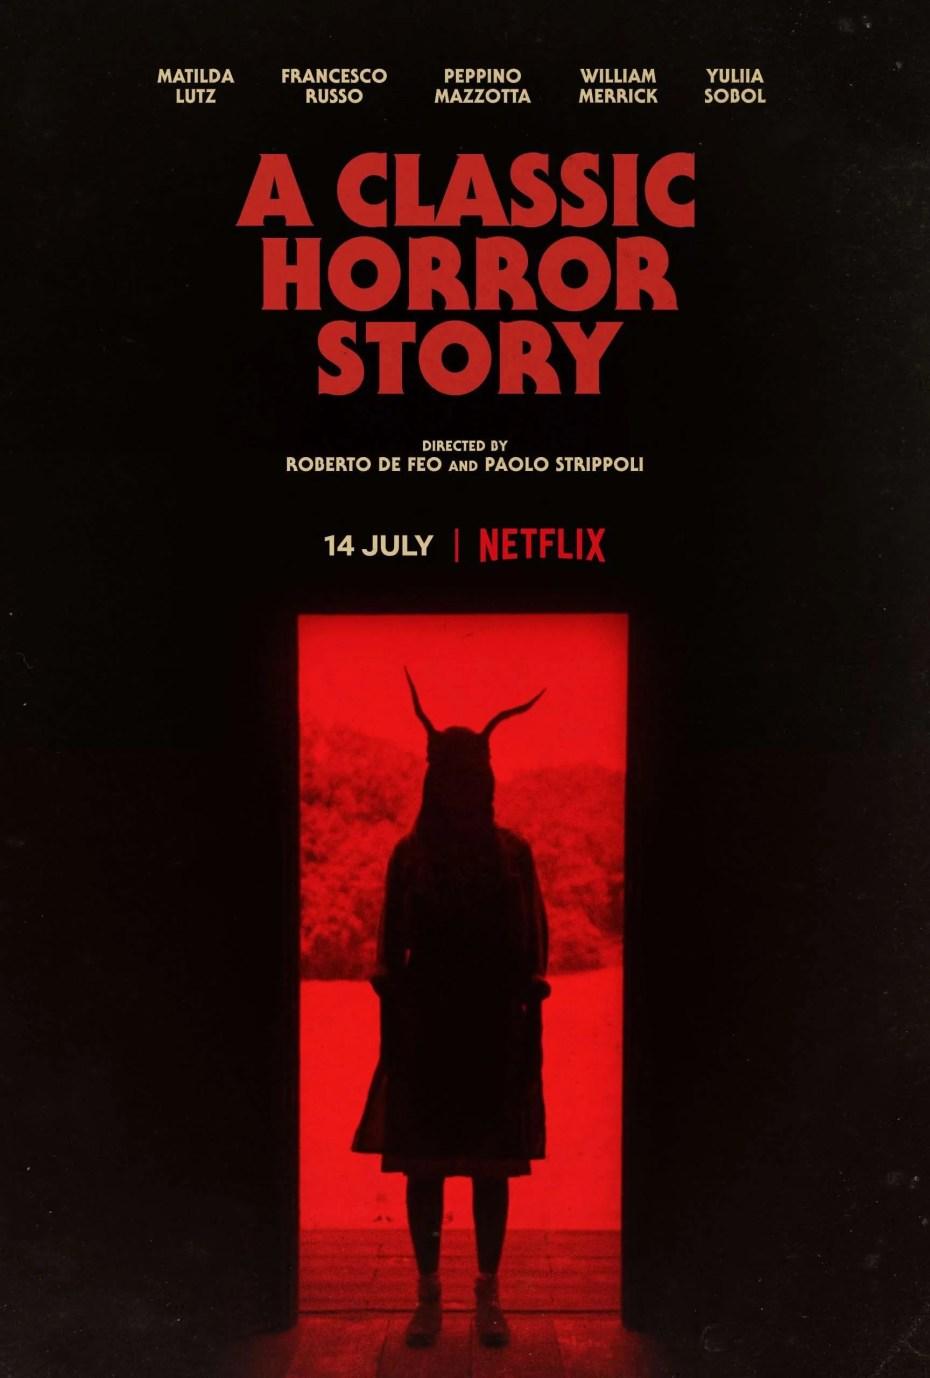 Un film d'horreur classique